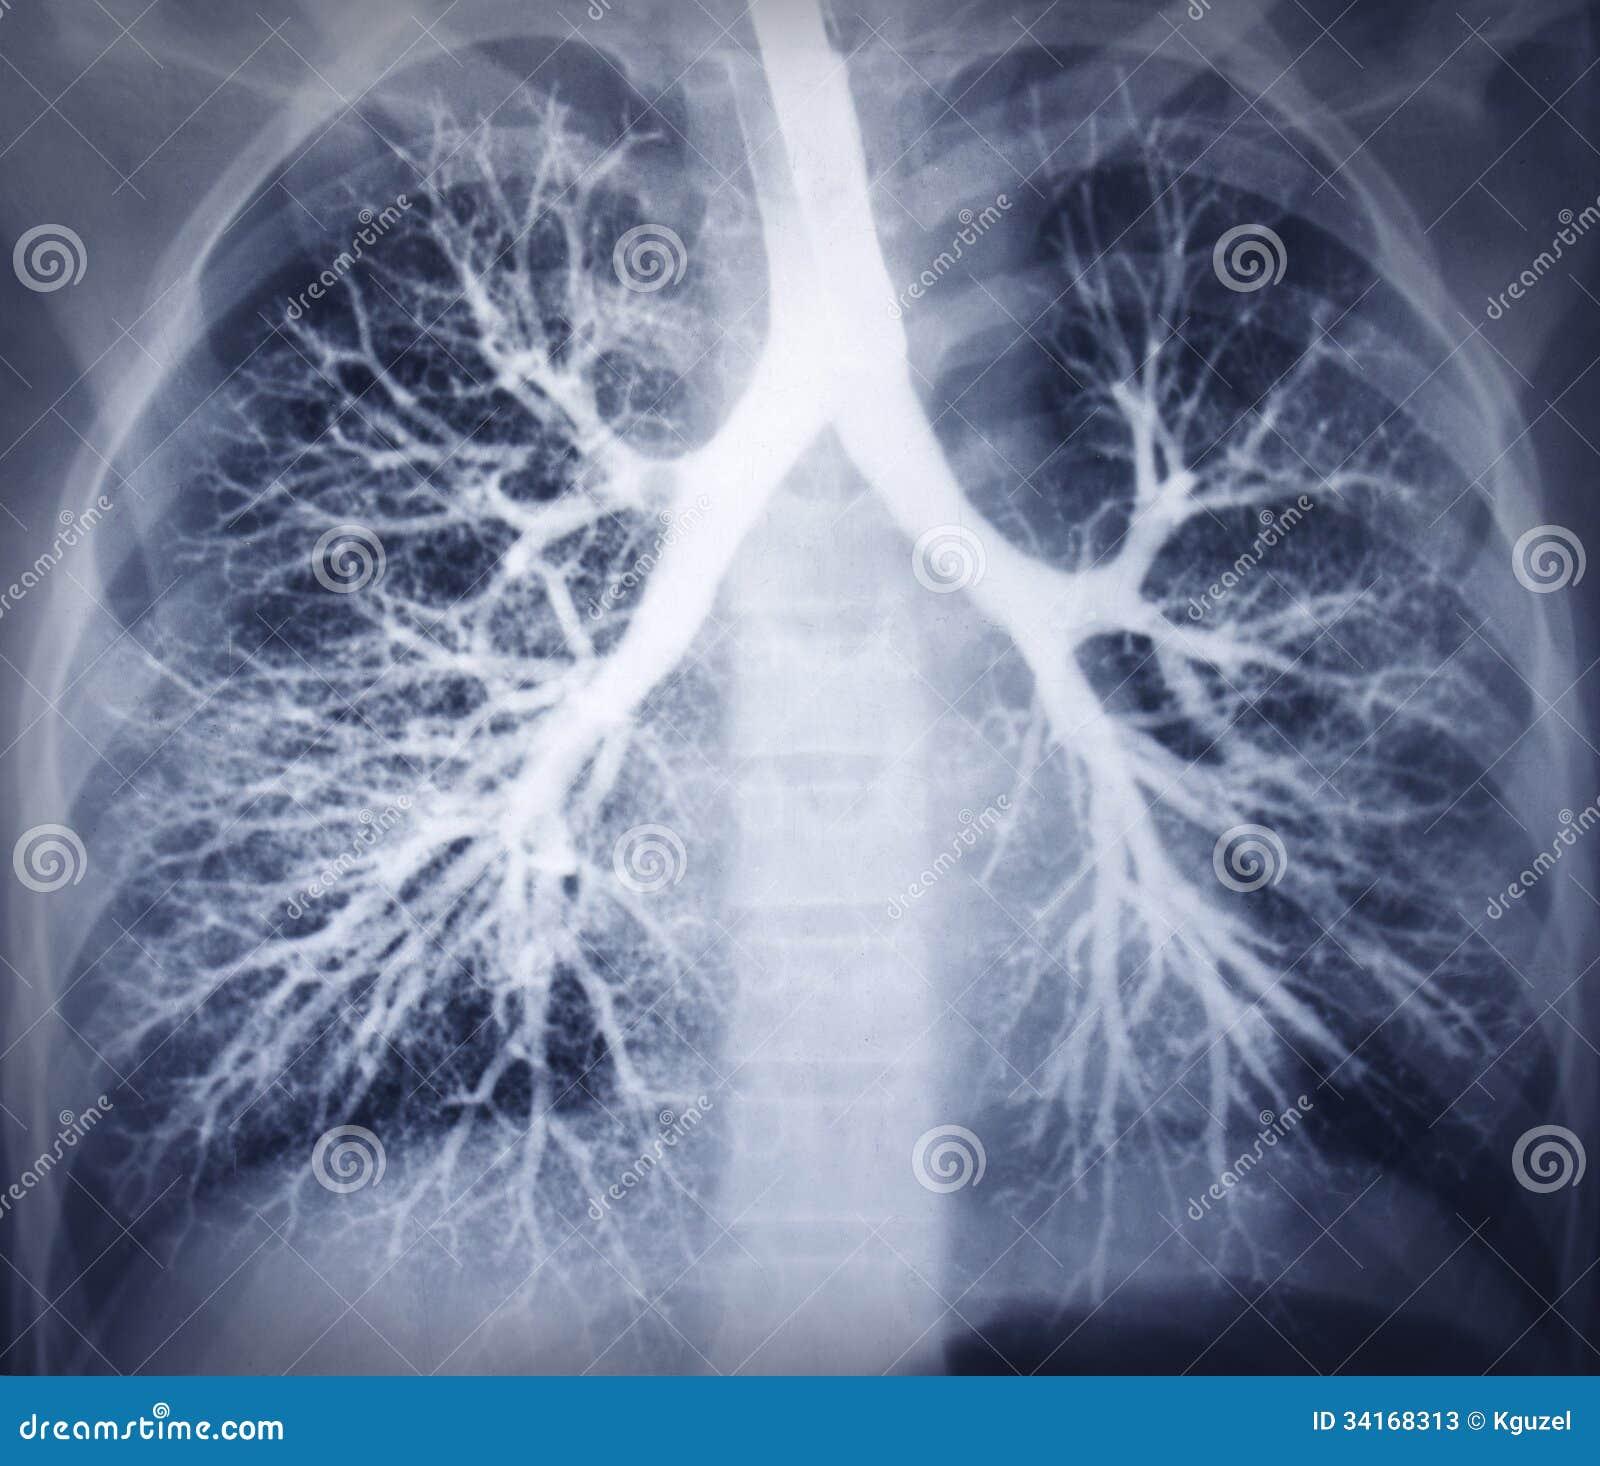 Bronchoskopia wizerunek. Klatki piersiowej promieniowanie rentgenowskie. Zdrowi płuca